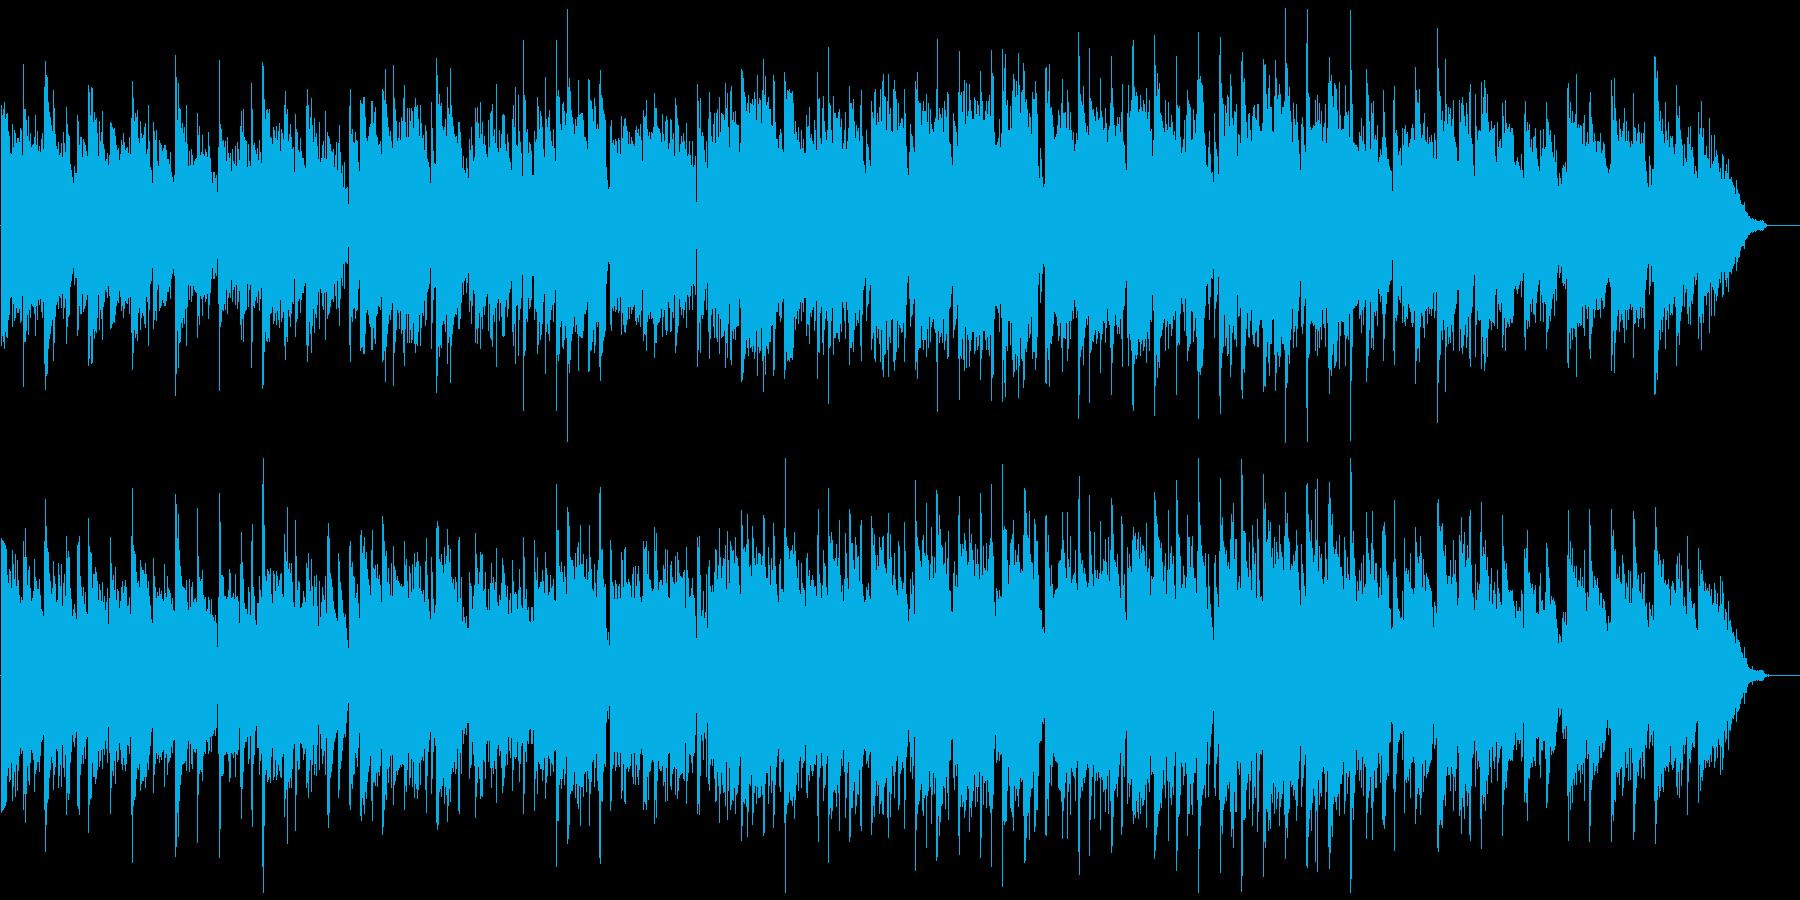 しっとりと落ち着いた篠笛生演奏の和風曲の再生済みの波形